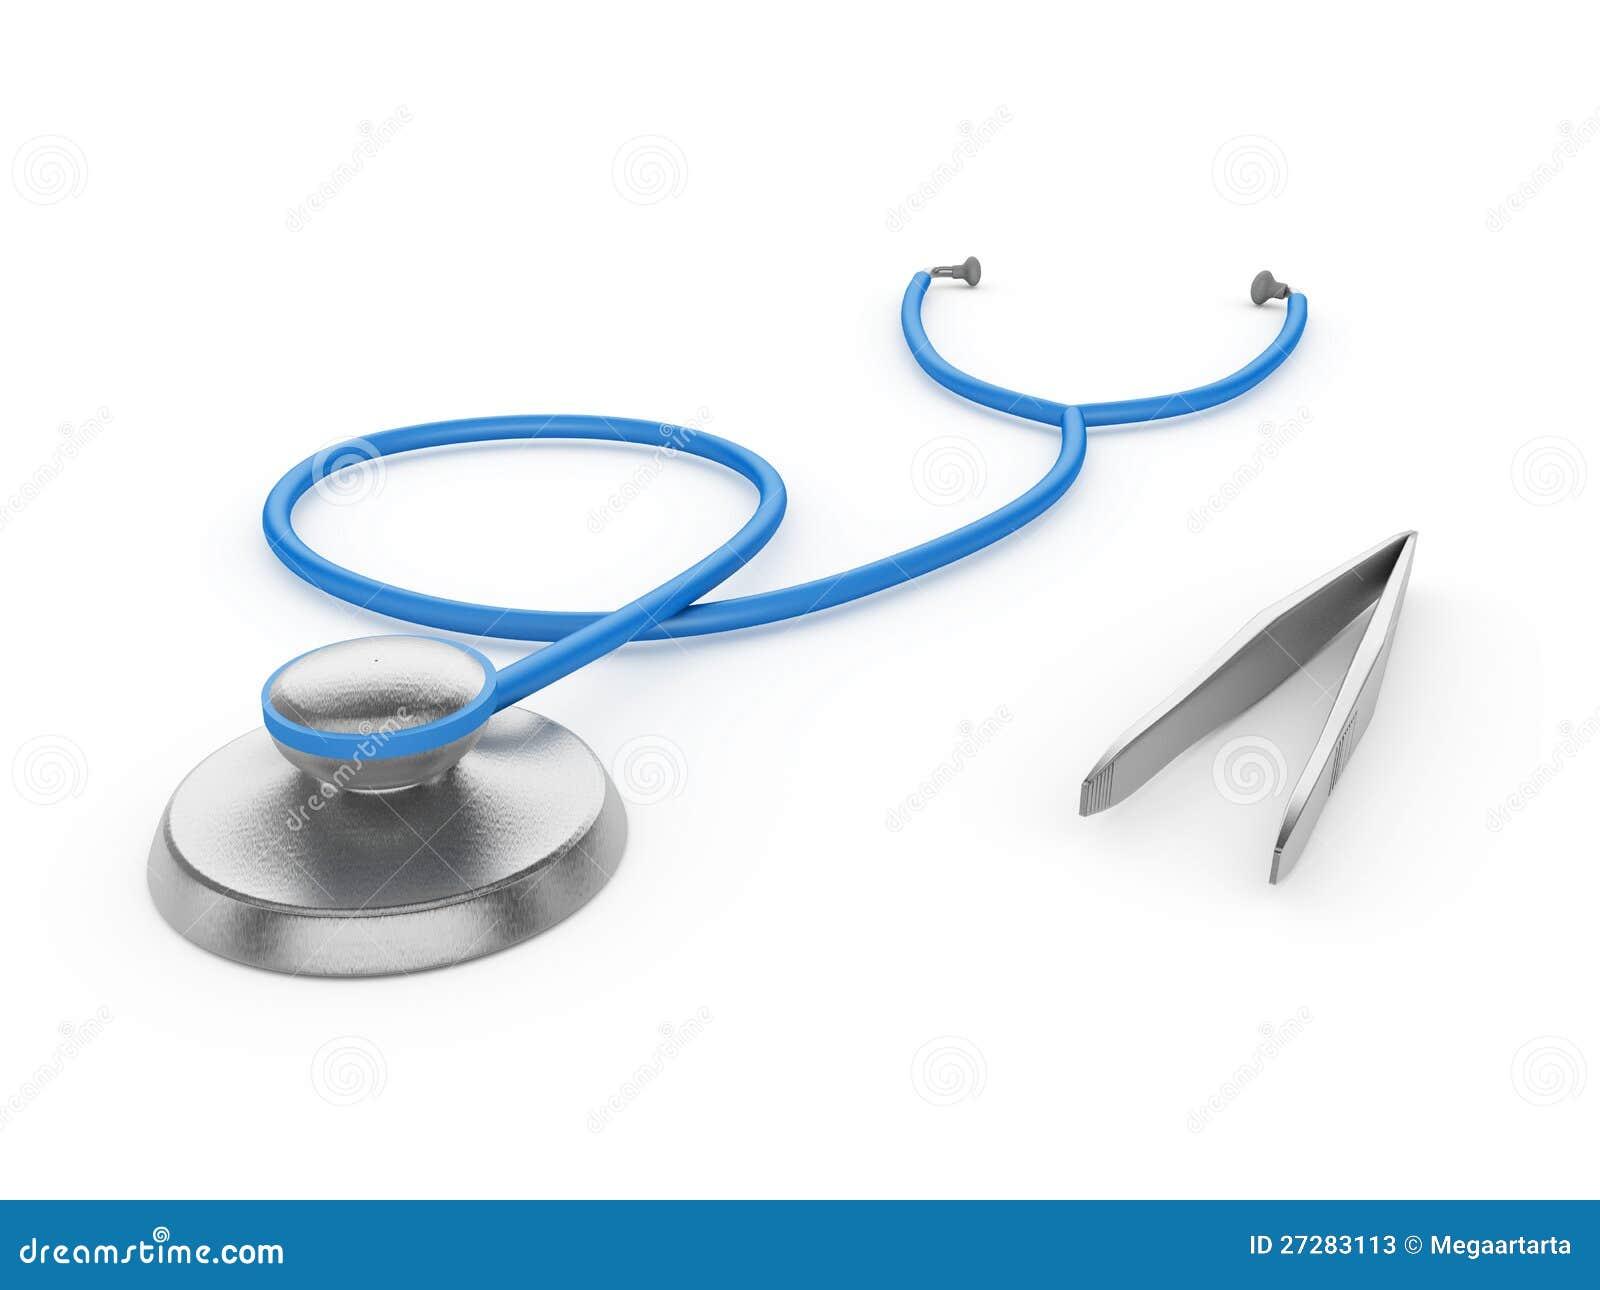 Stetoskop och kirurgisk tång på en vit bakgrund